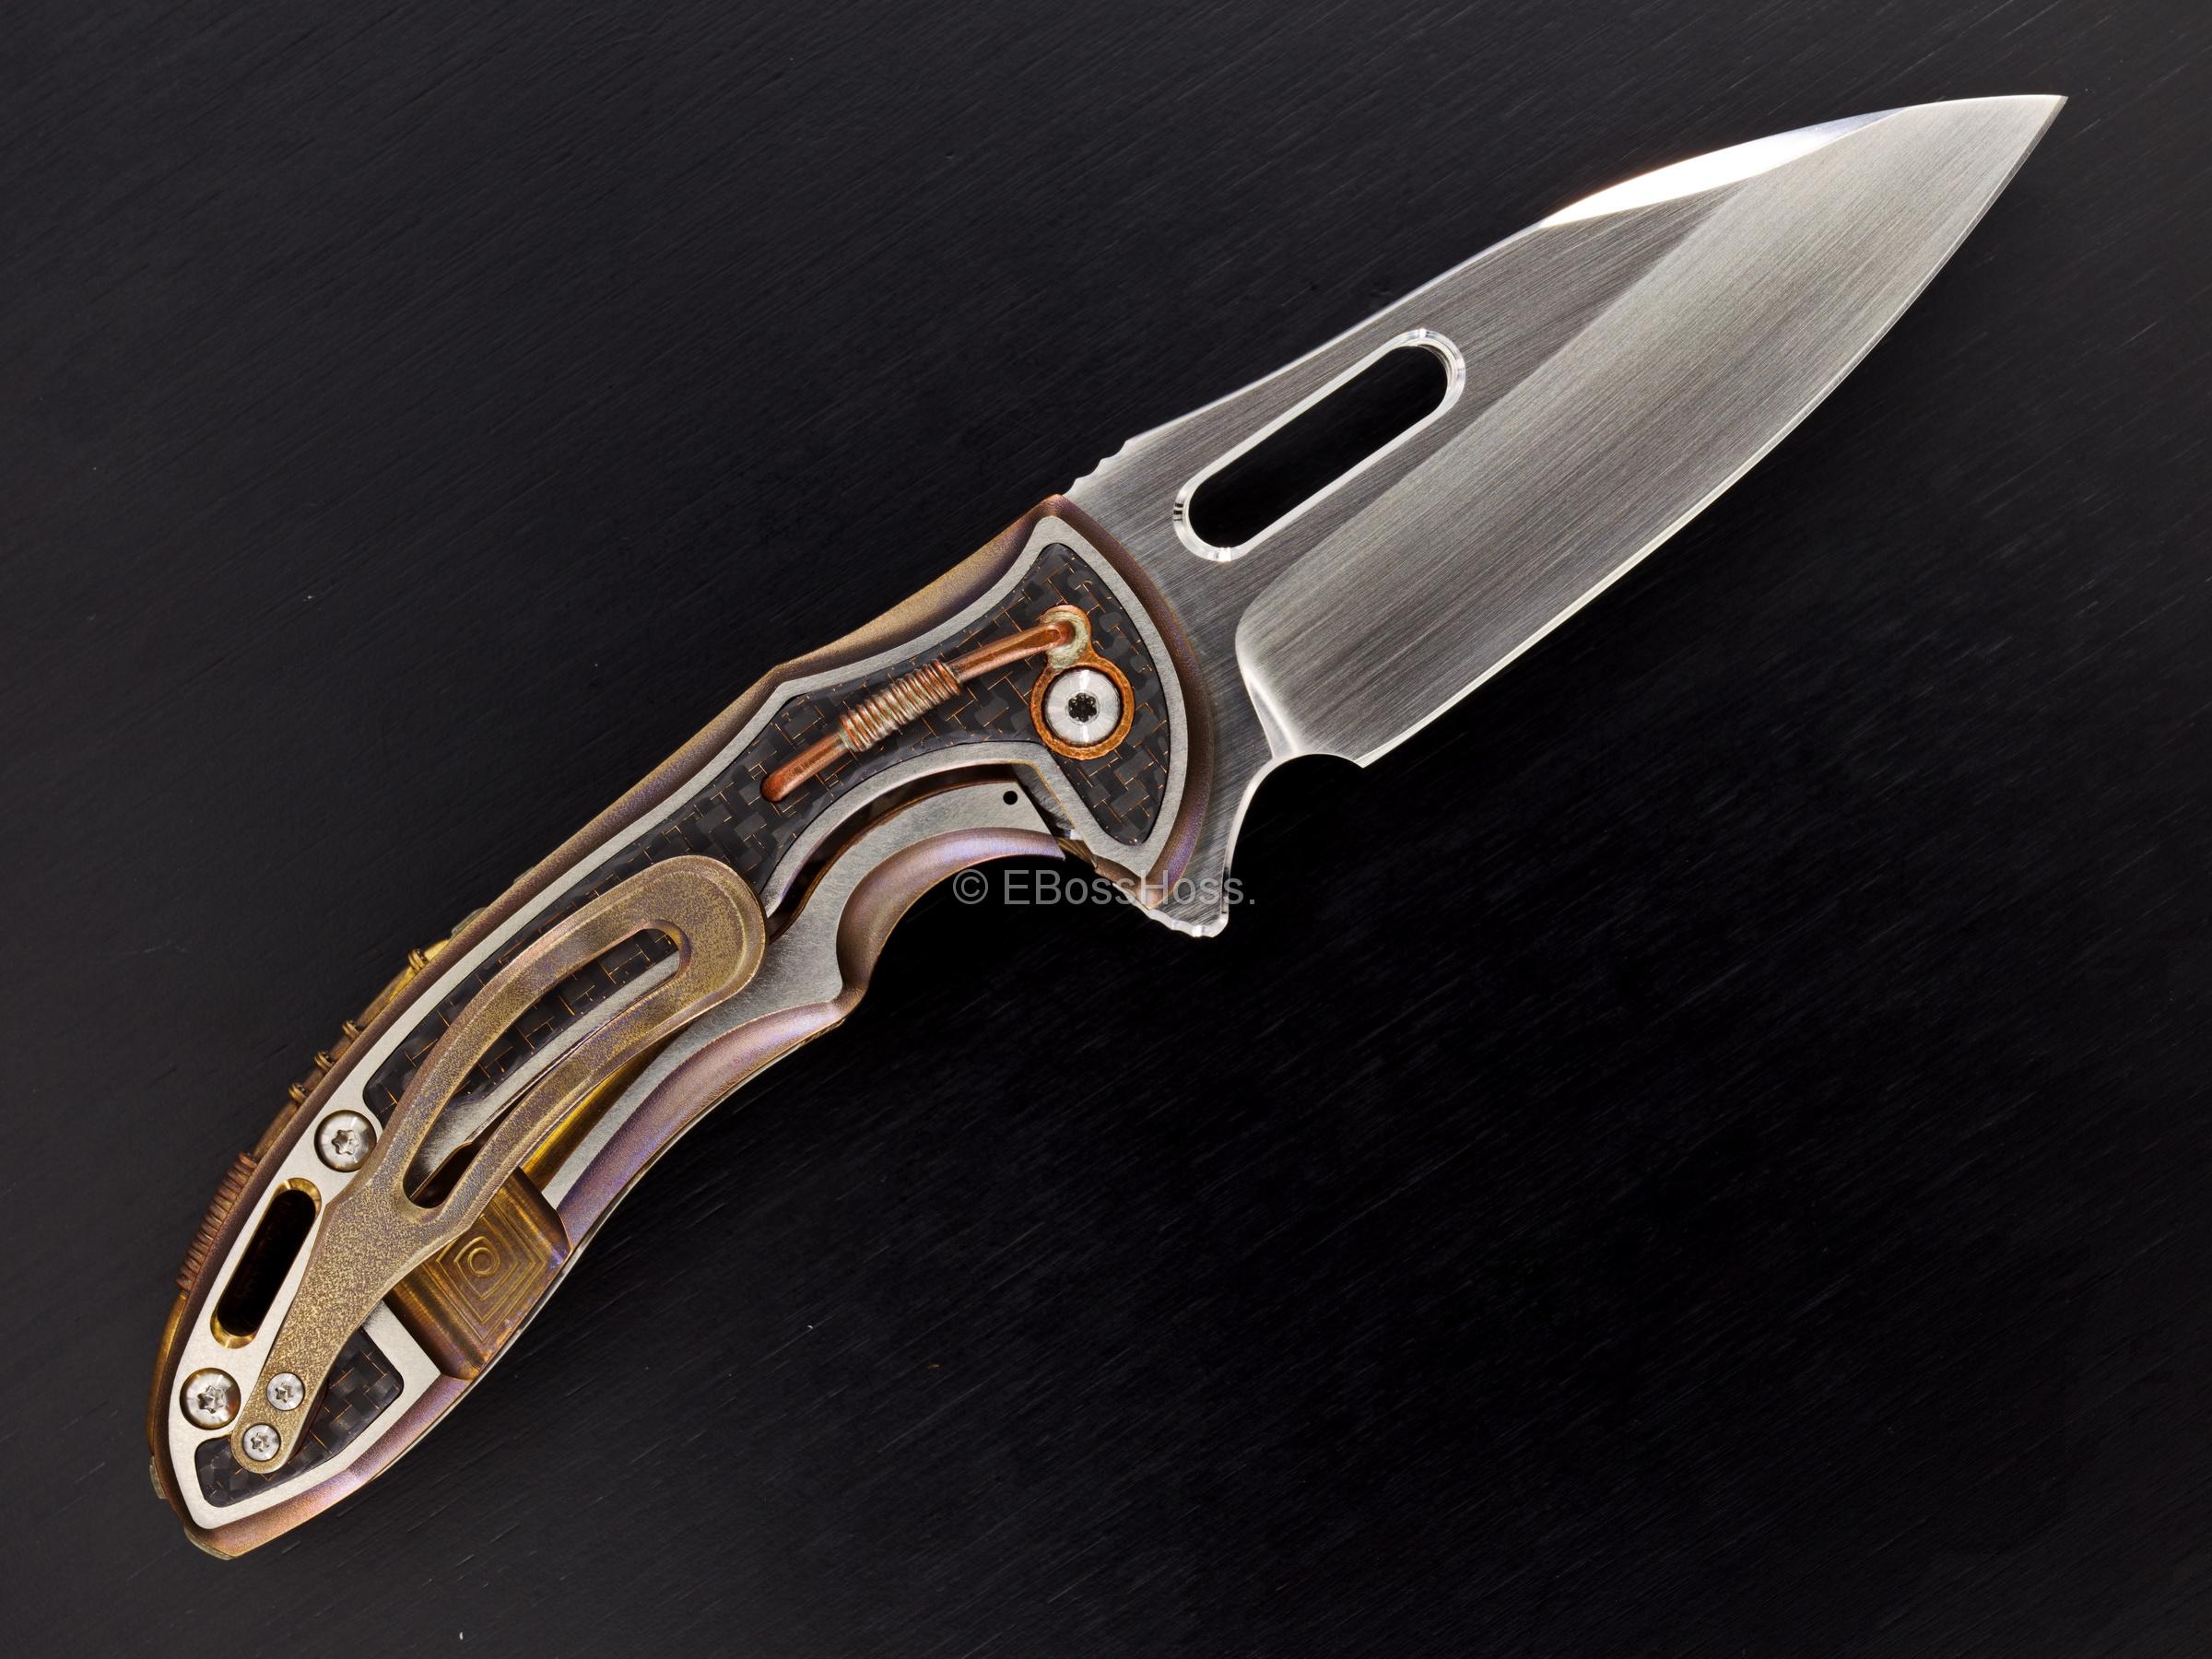 Rick Lala (Korth) Custom Sentry Flipper